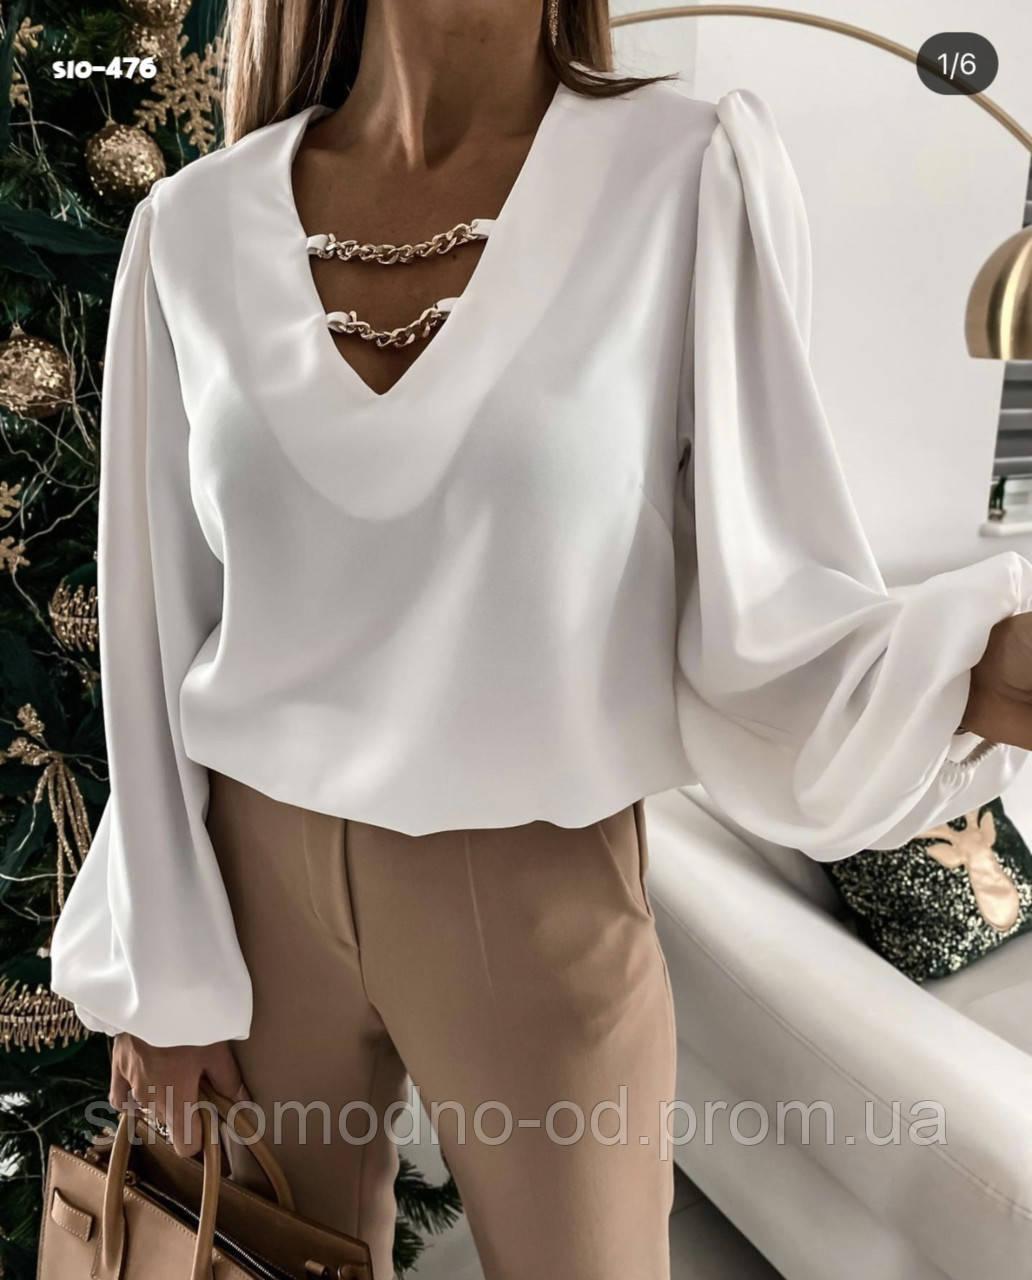 Жіноча блузка від Стильномодно